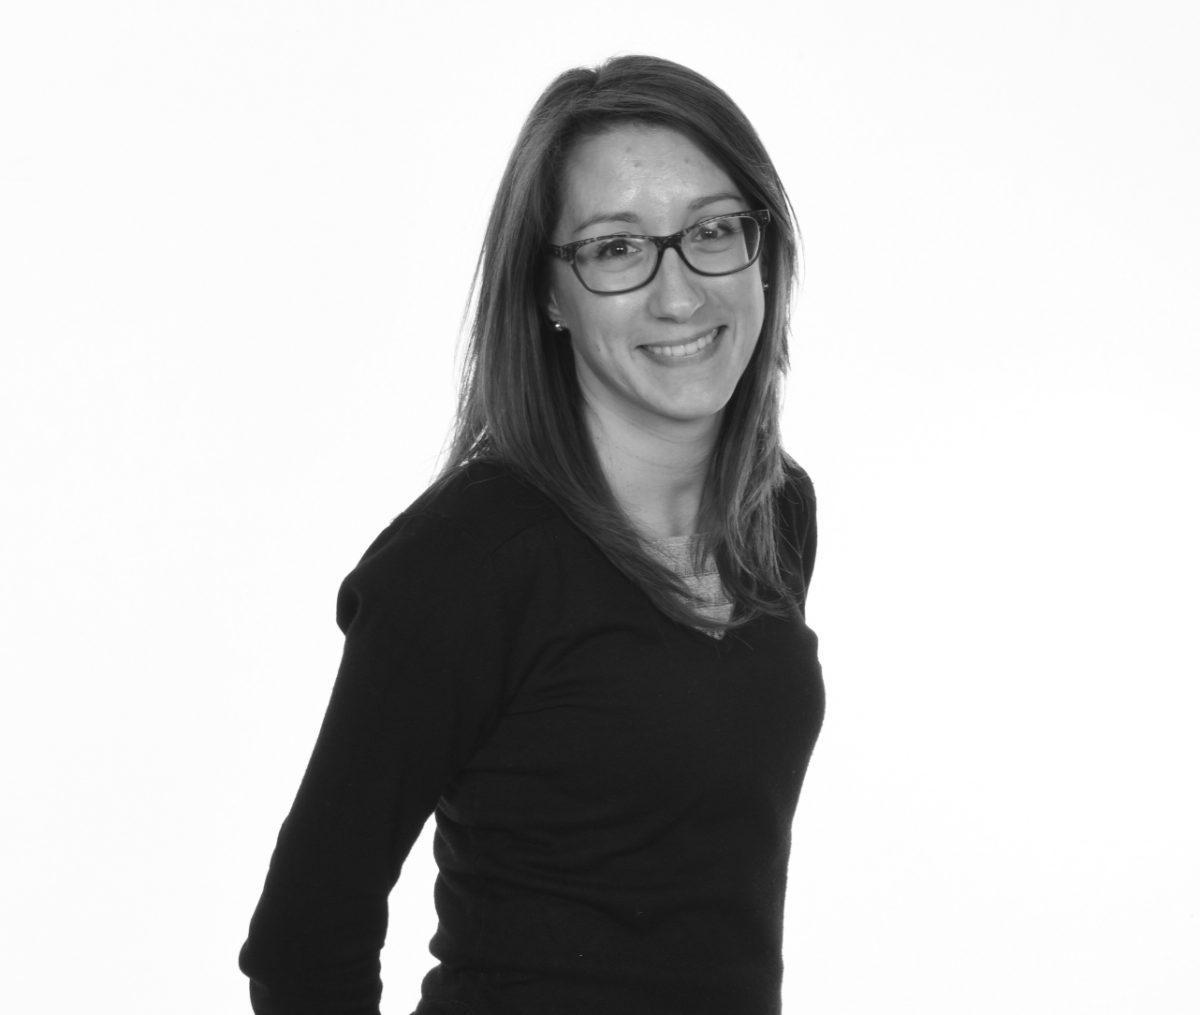 Anne-Sophie Bouillet Le Liboux